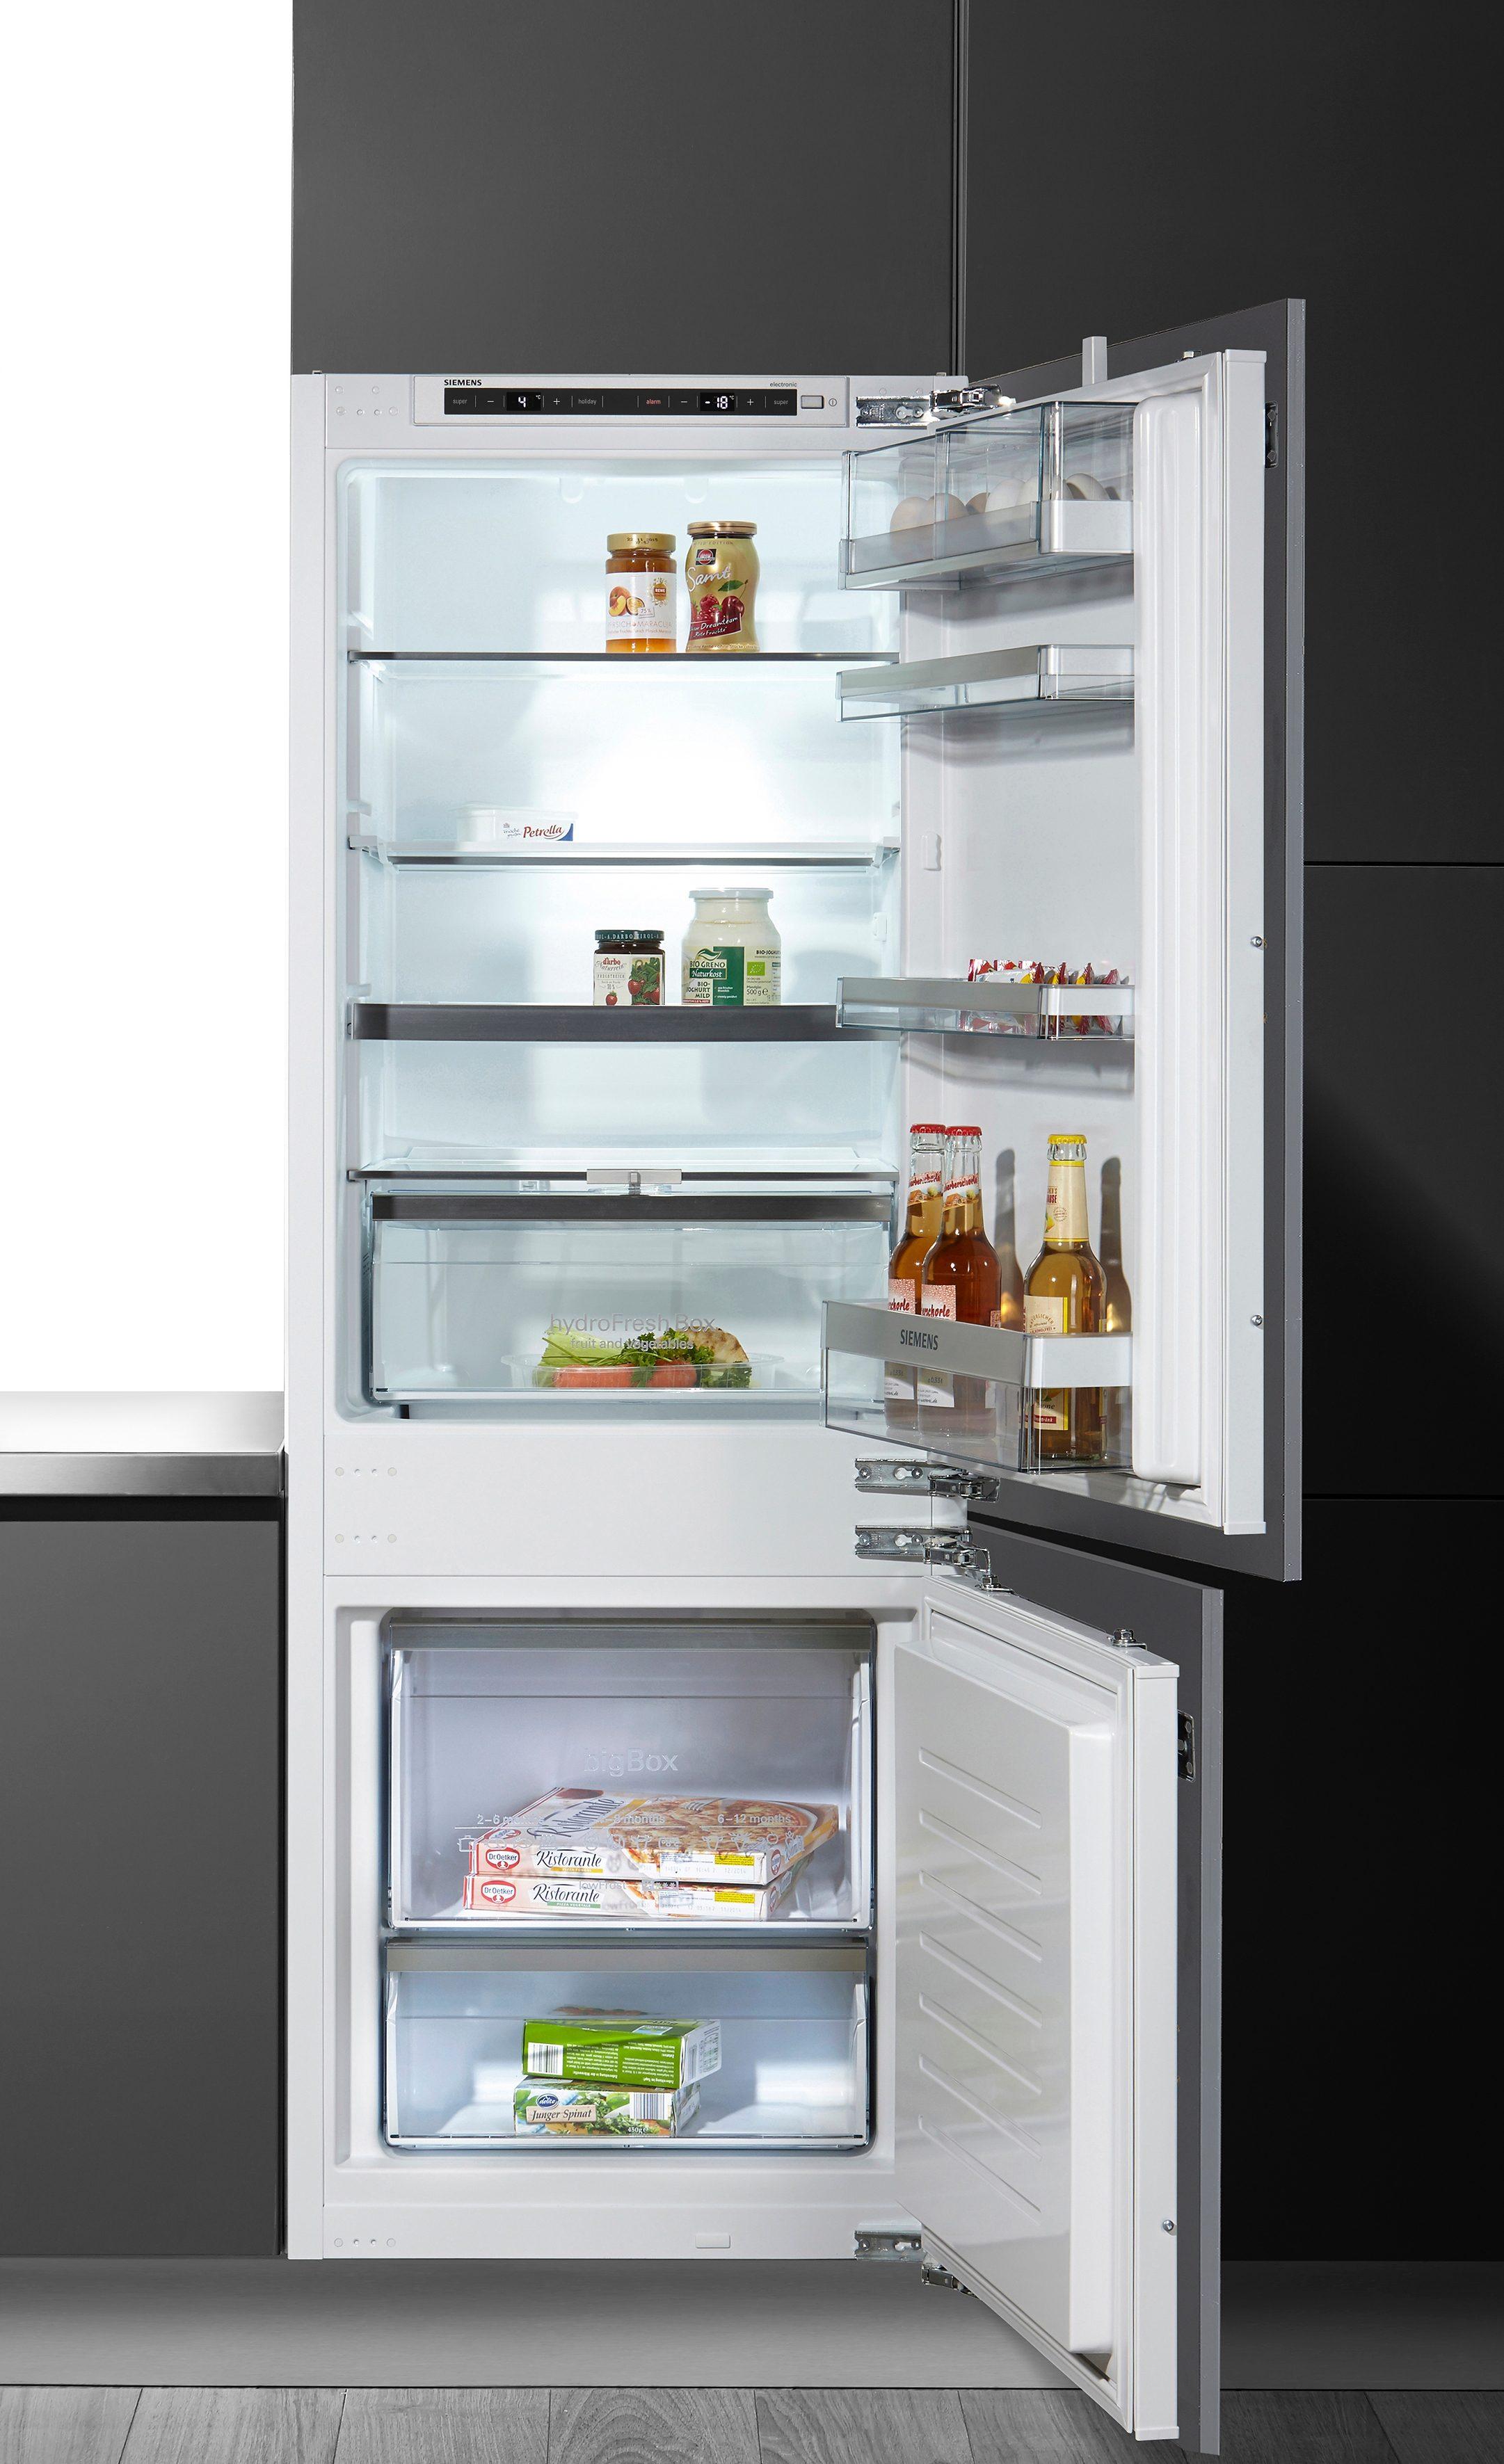 SIEMENS Einbaukühlgefrierkombination iQ500, 157,8 cm hoch, 55, 8 cm breit | Küche und Esszimmer > Küchenelektrogeräte > Kühl-Gefrierkombis | Weiß | Siemens